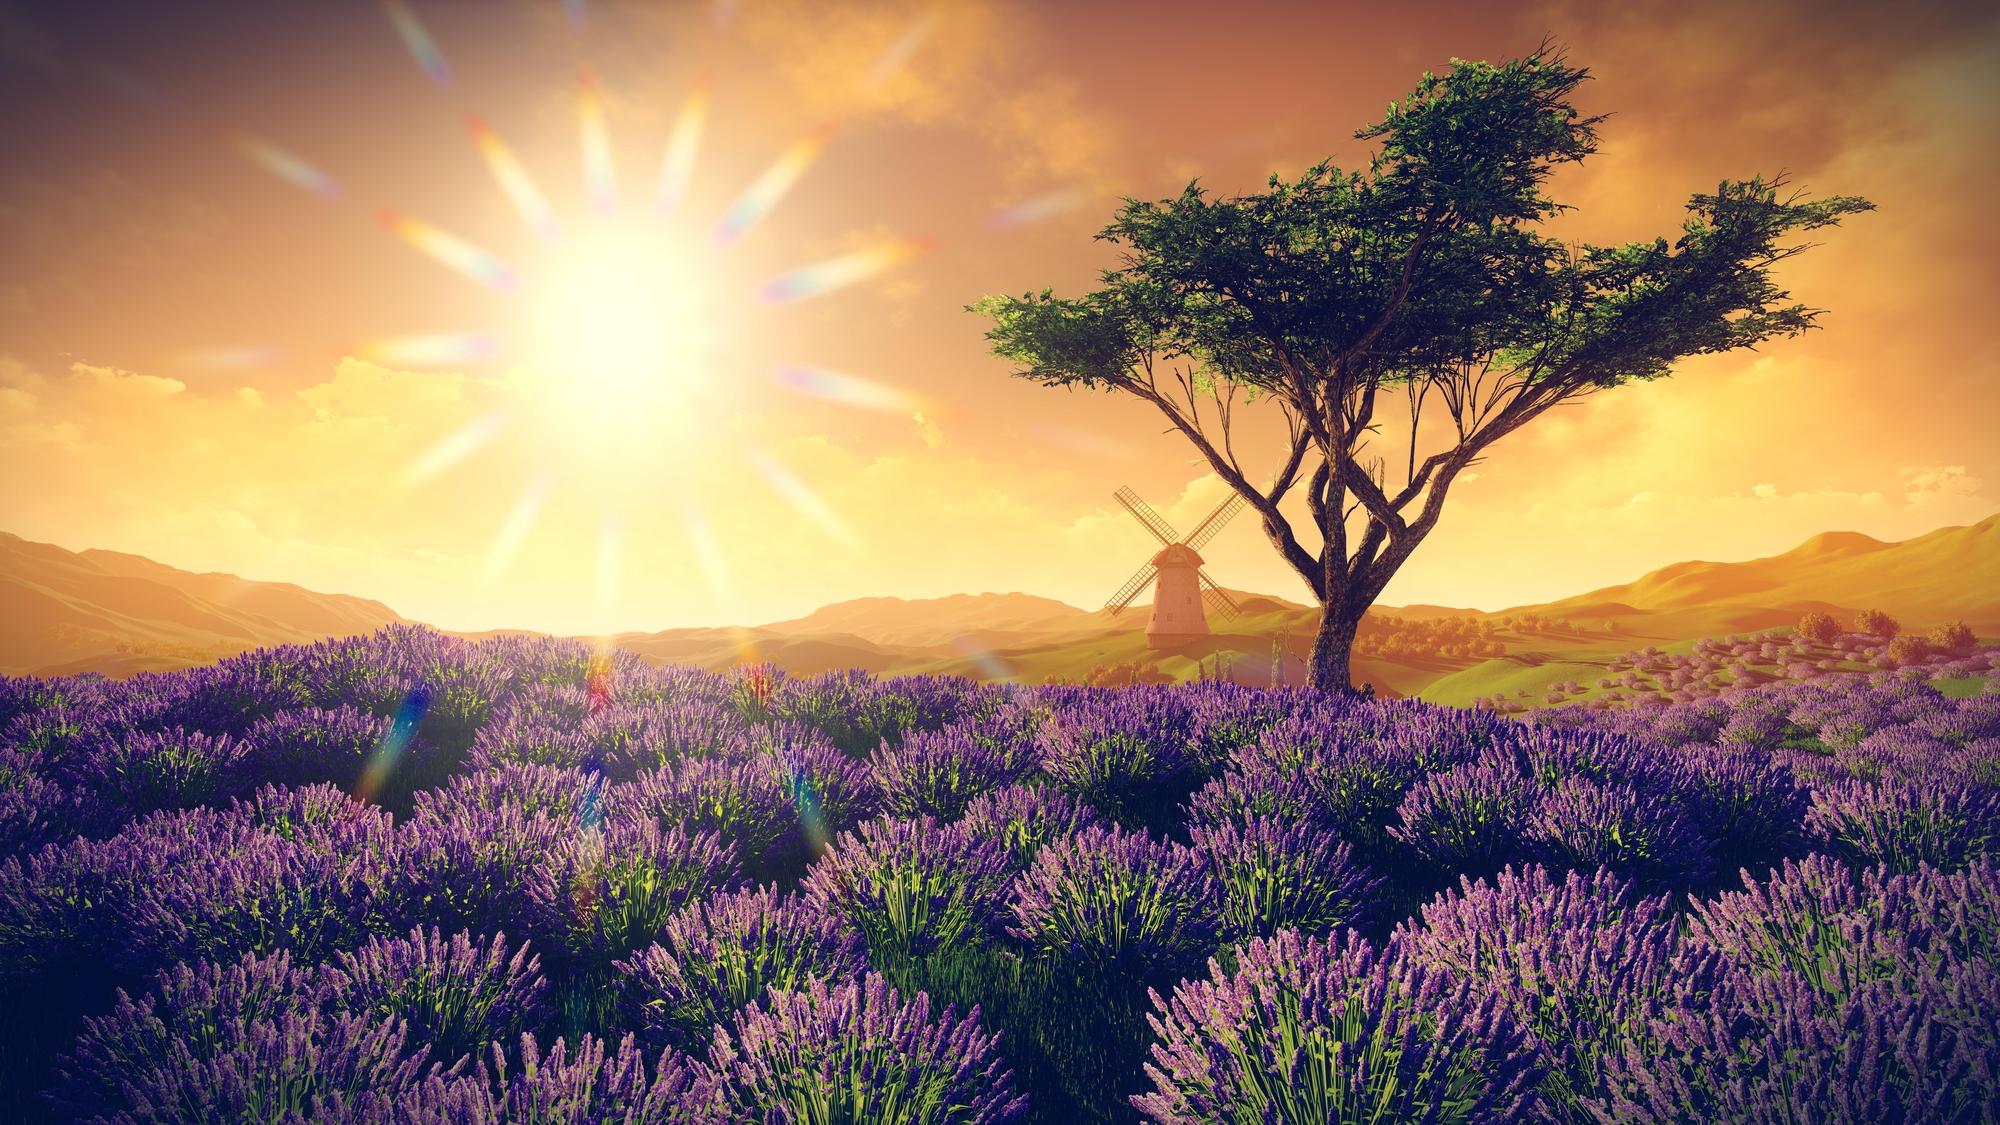 Tree-Alone-in-Lavendar-Field